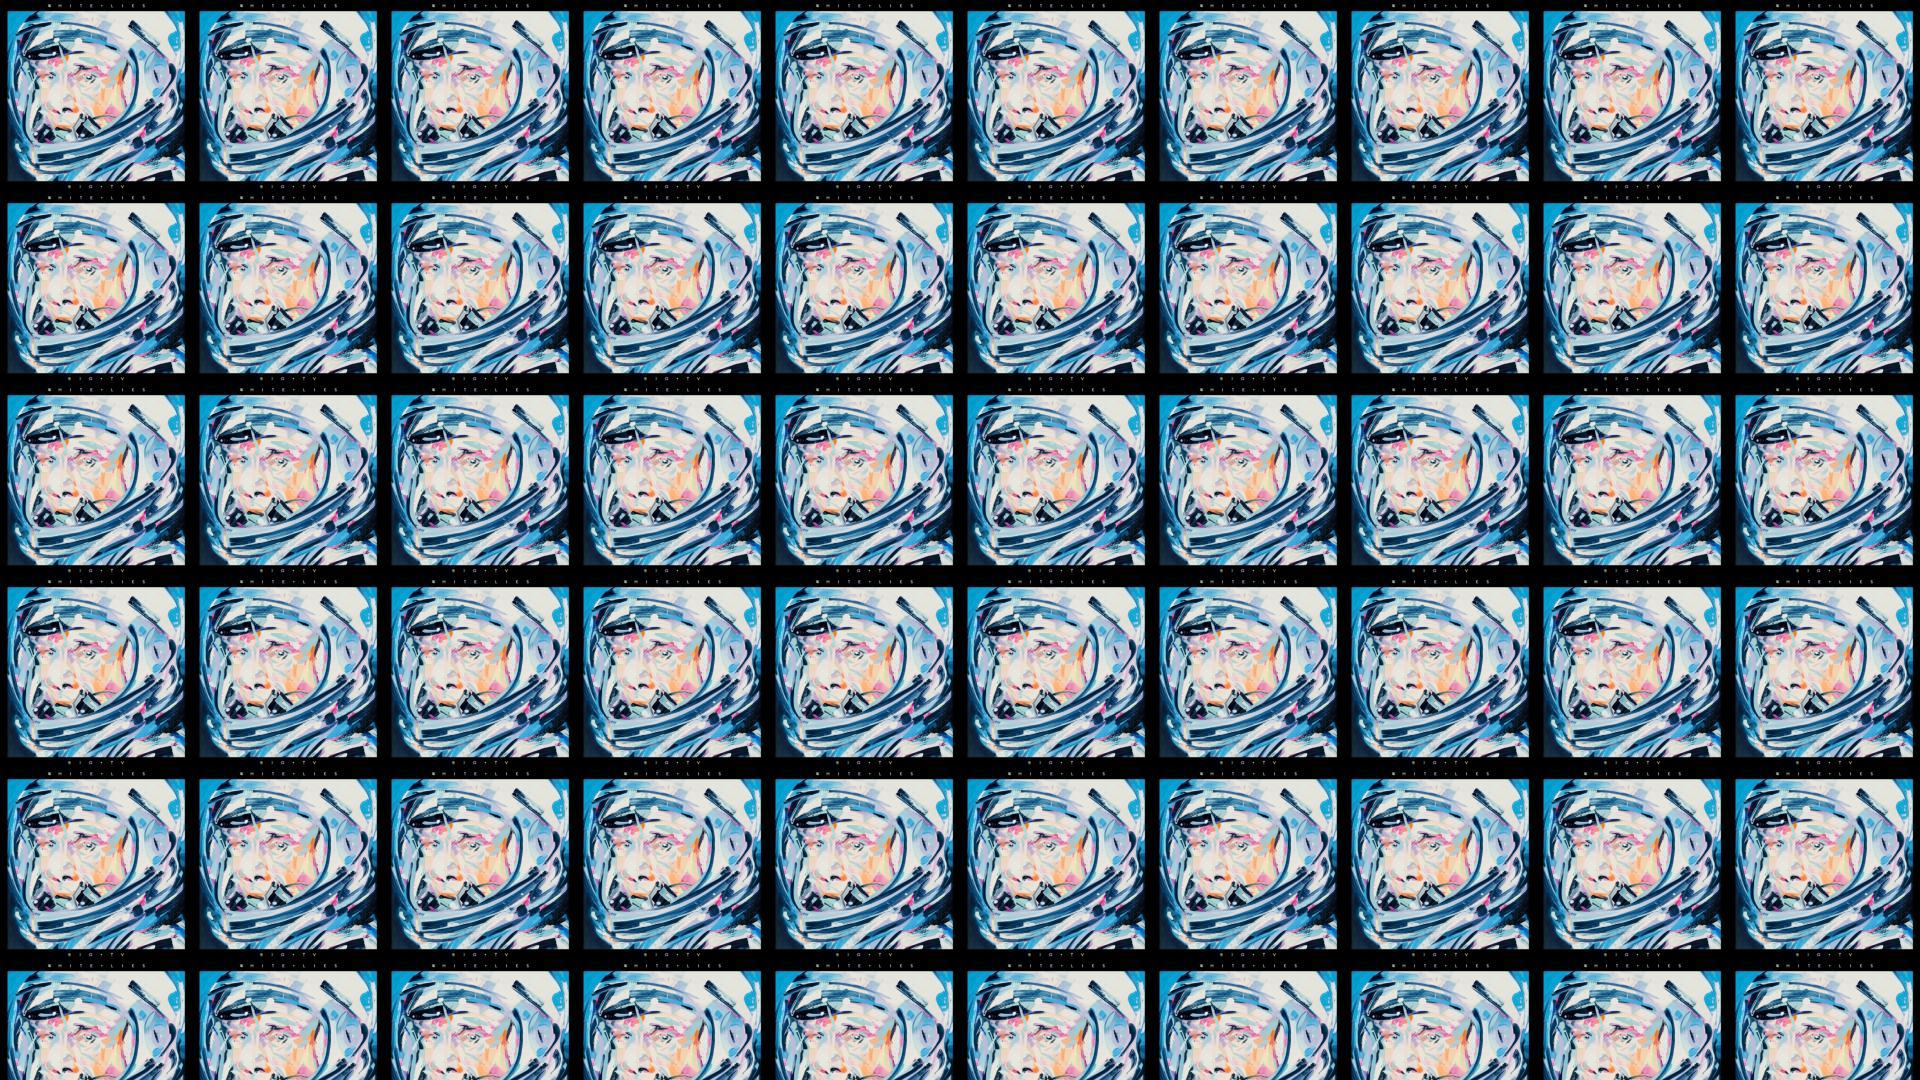 White Lies White Lies Wallpaper Tiled Desktop Wallpaper